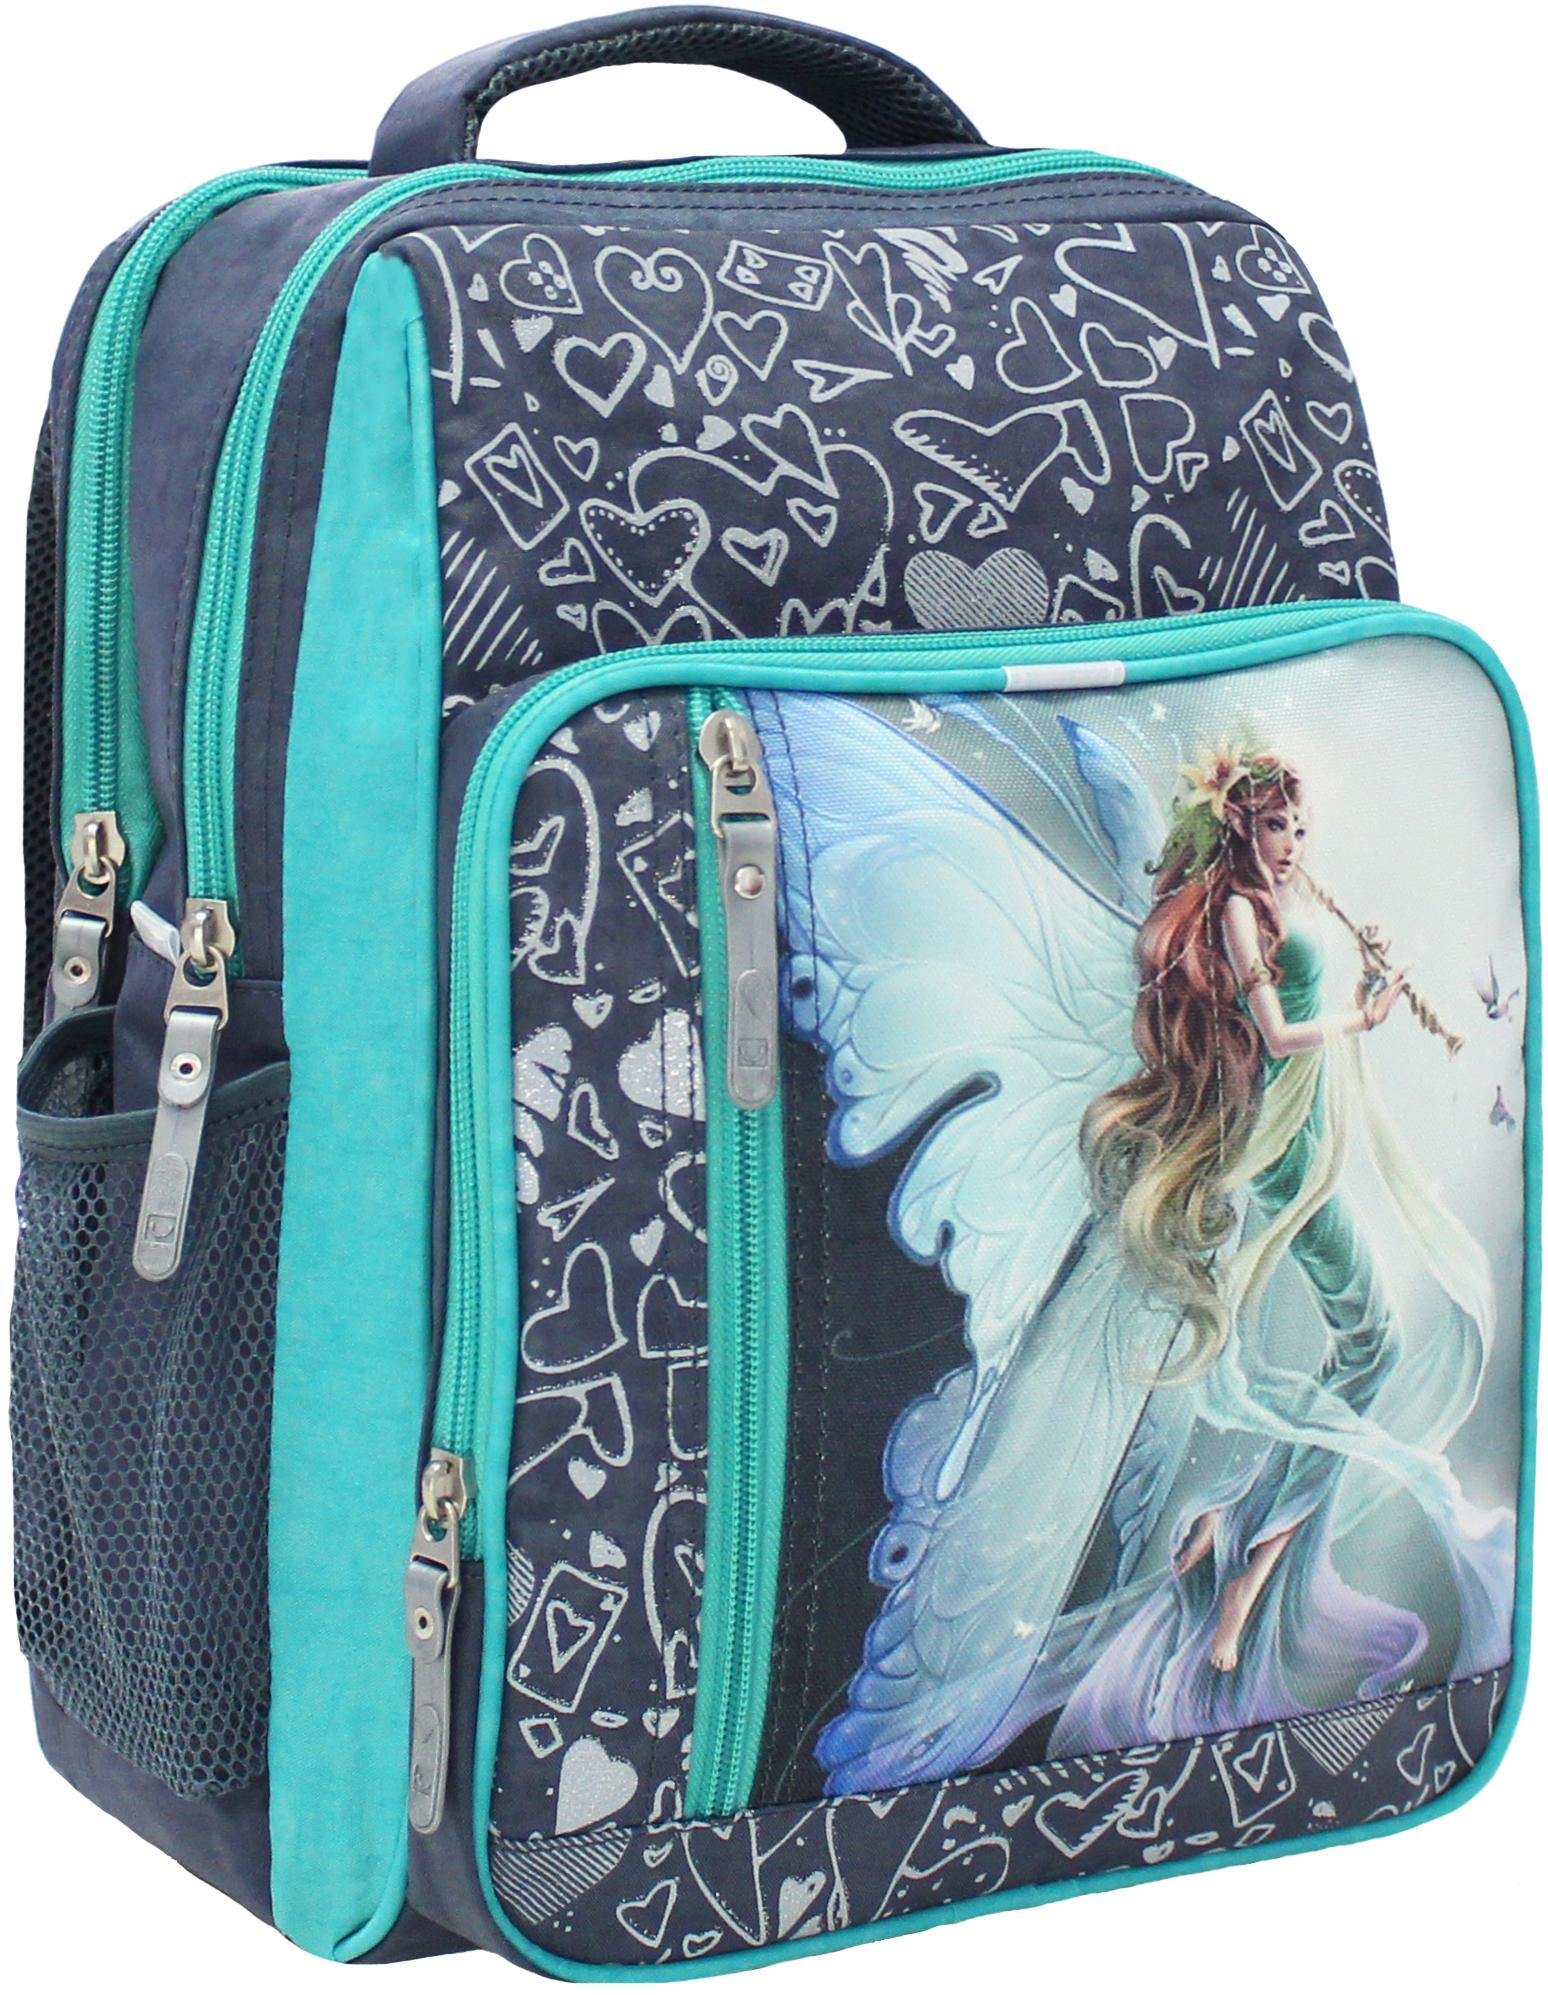 Школьные рюкзаки Рюкзак школьный Bagland Школьник 8 л. 321 сірий 90 д (00112702) IMG_5274.JPG